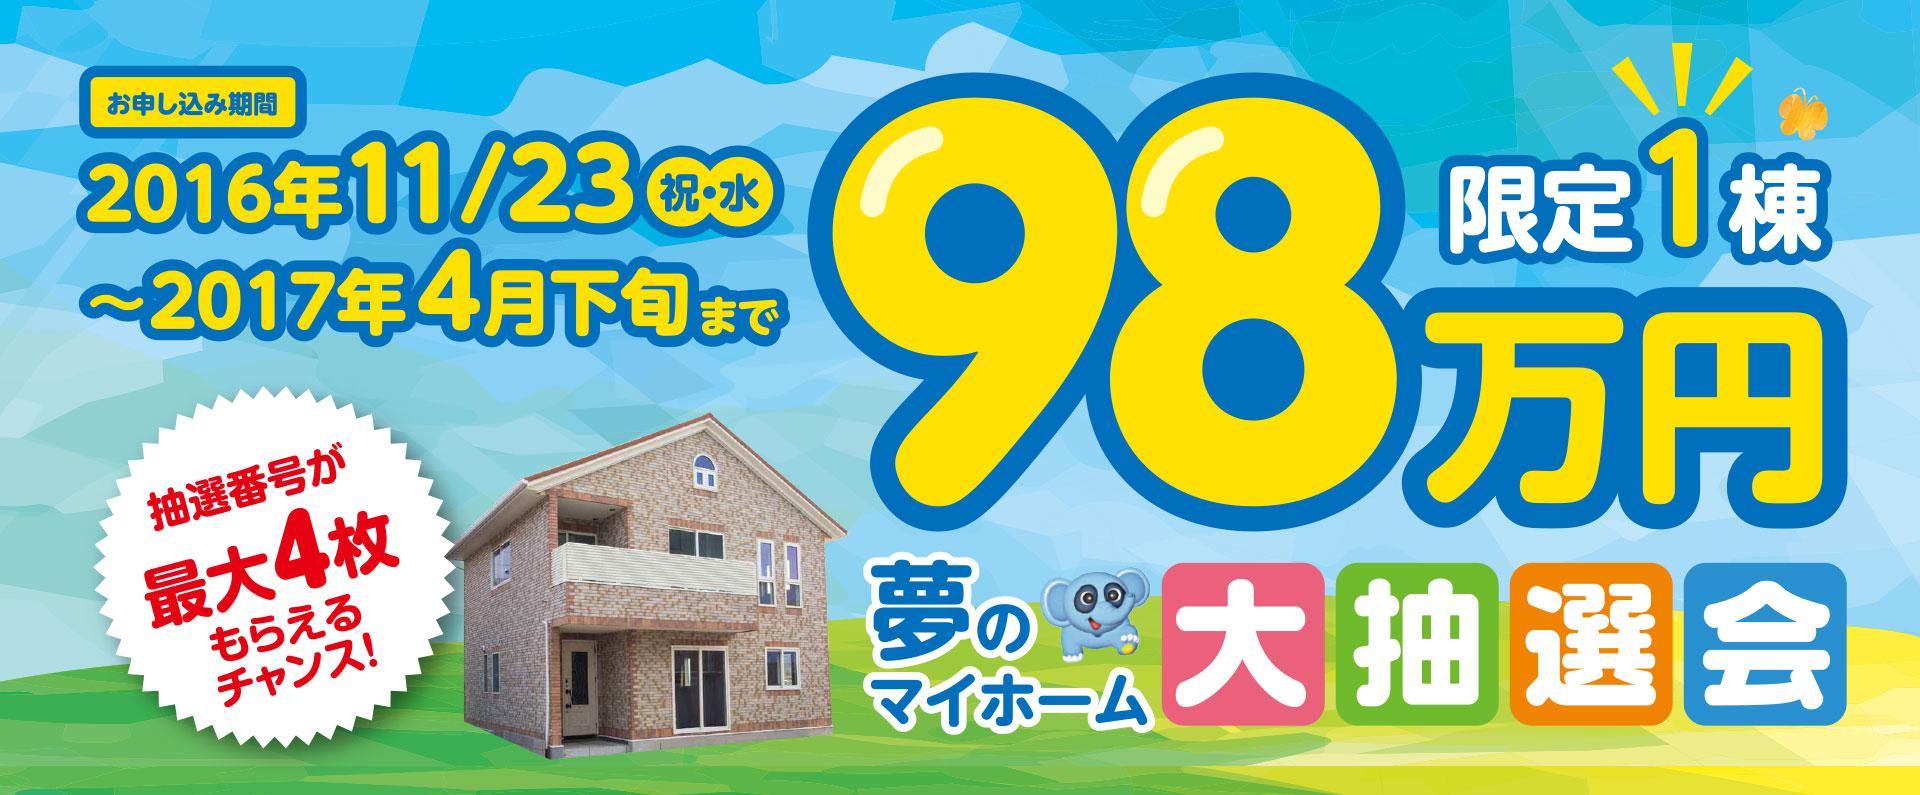 98万円夢のマイホーム大抽選会